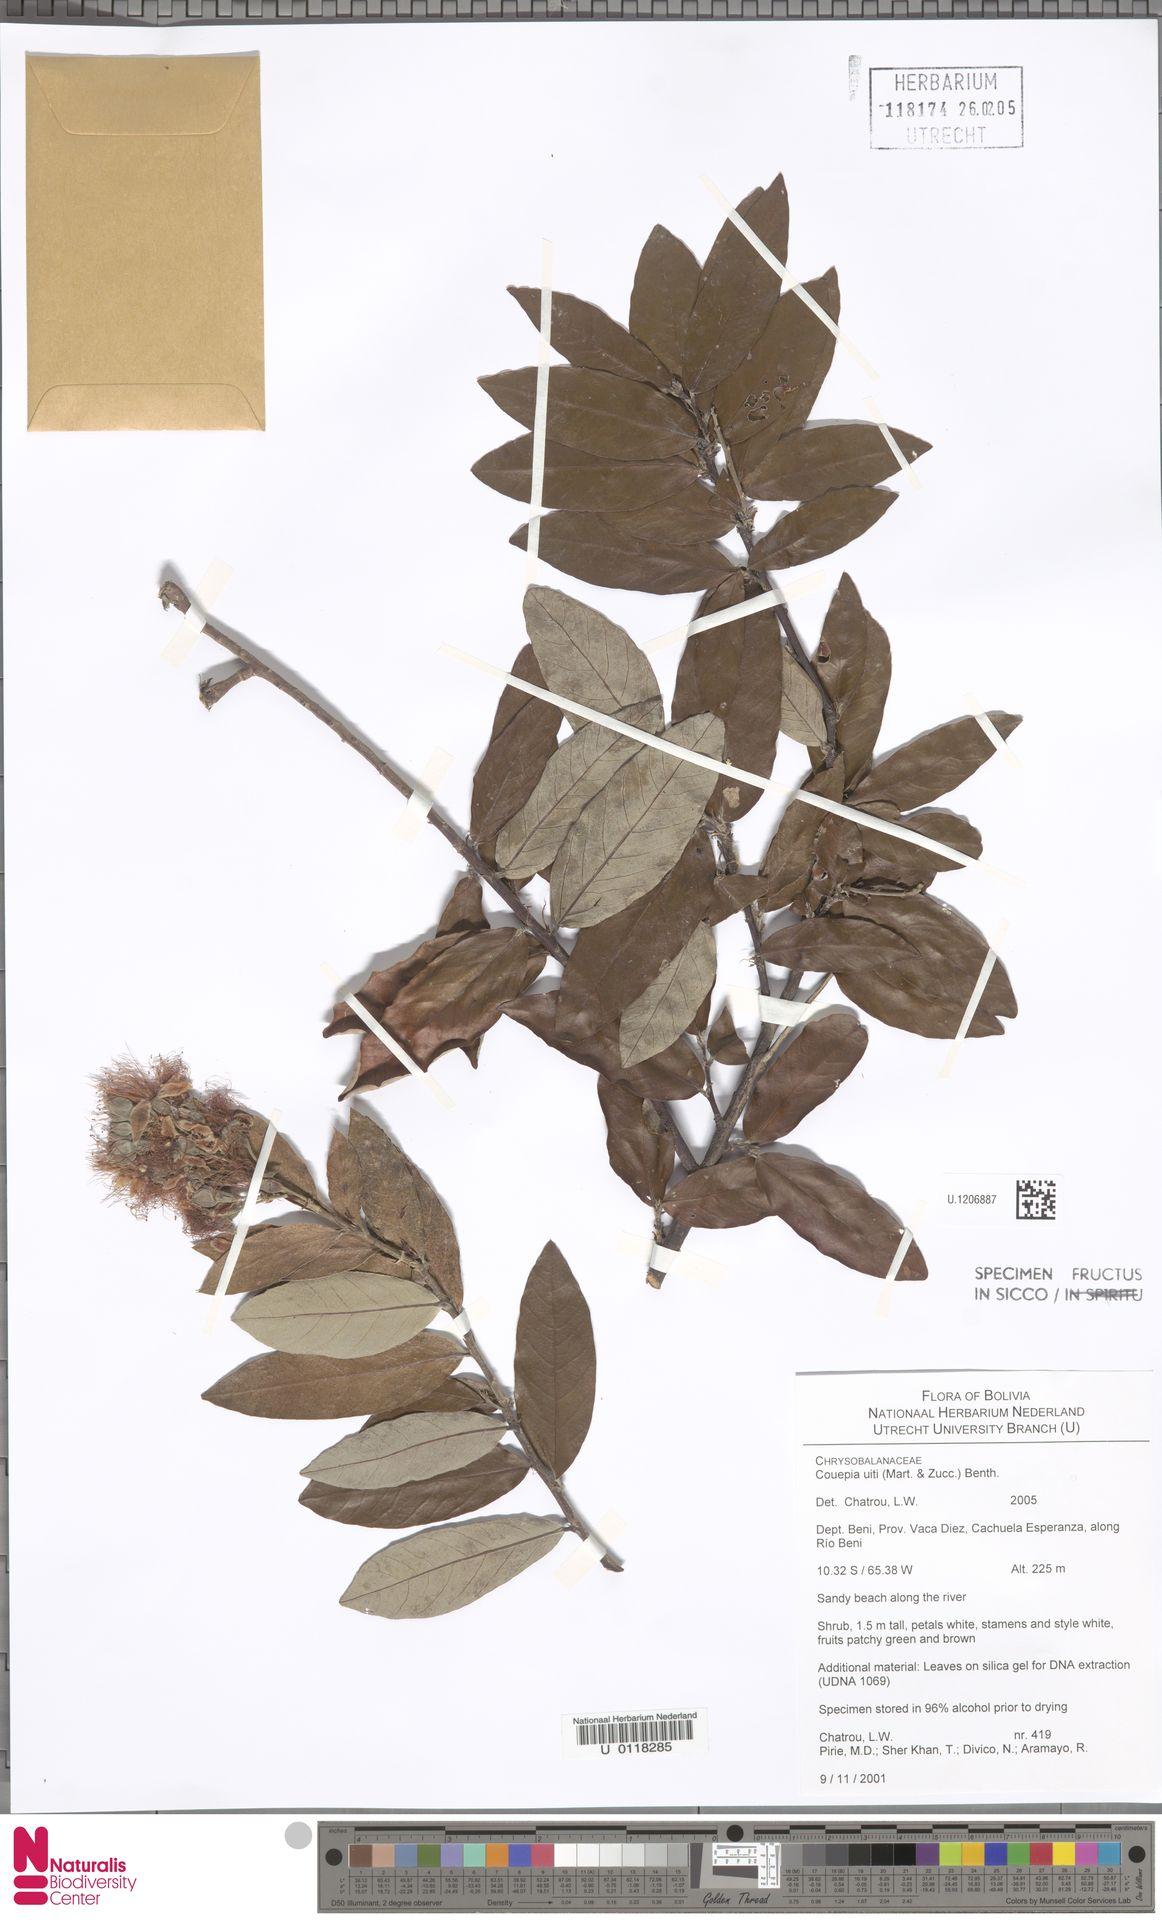 U.1206887 | Couepia uiti (Mart. & Zucc.) Benth.